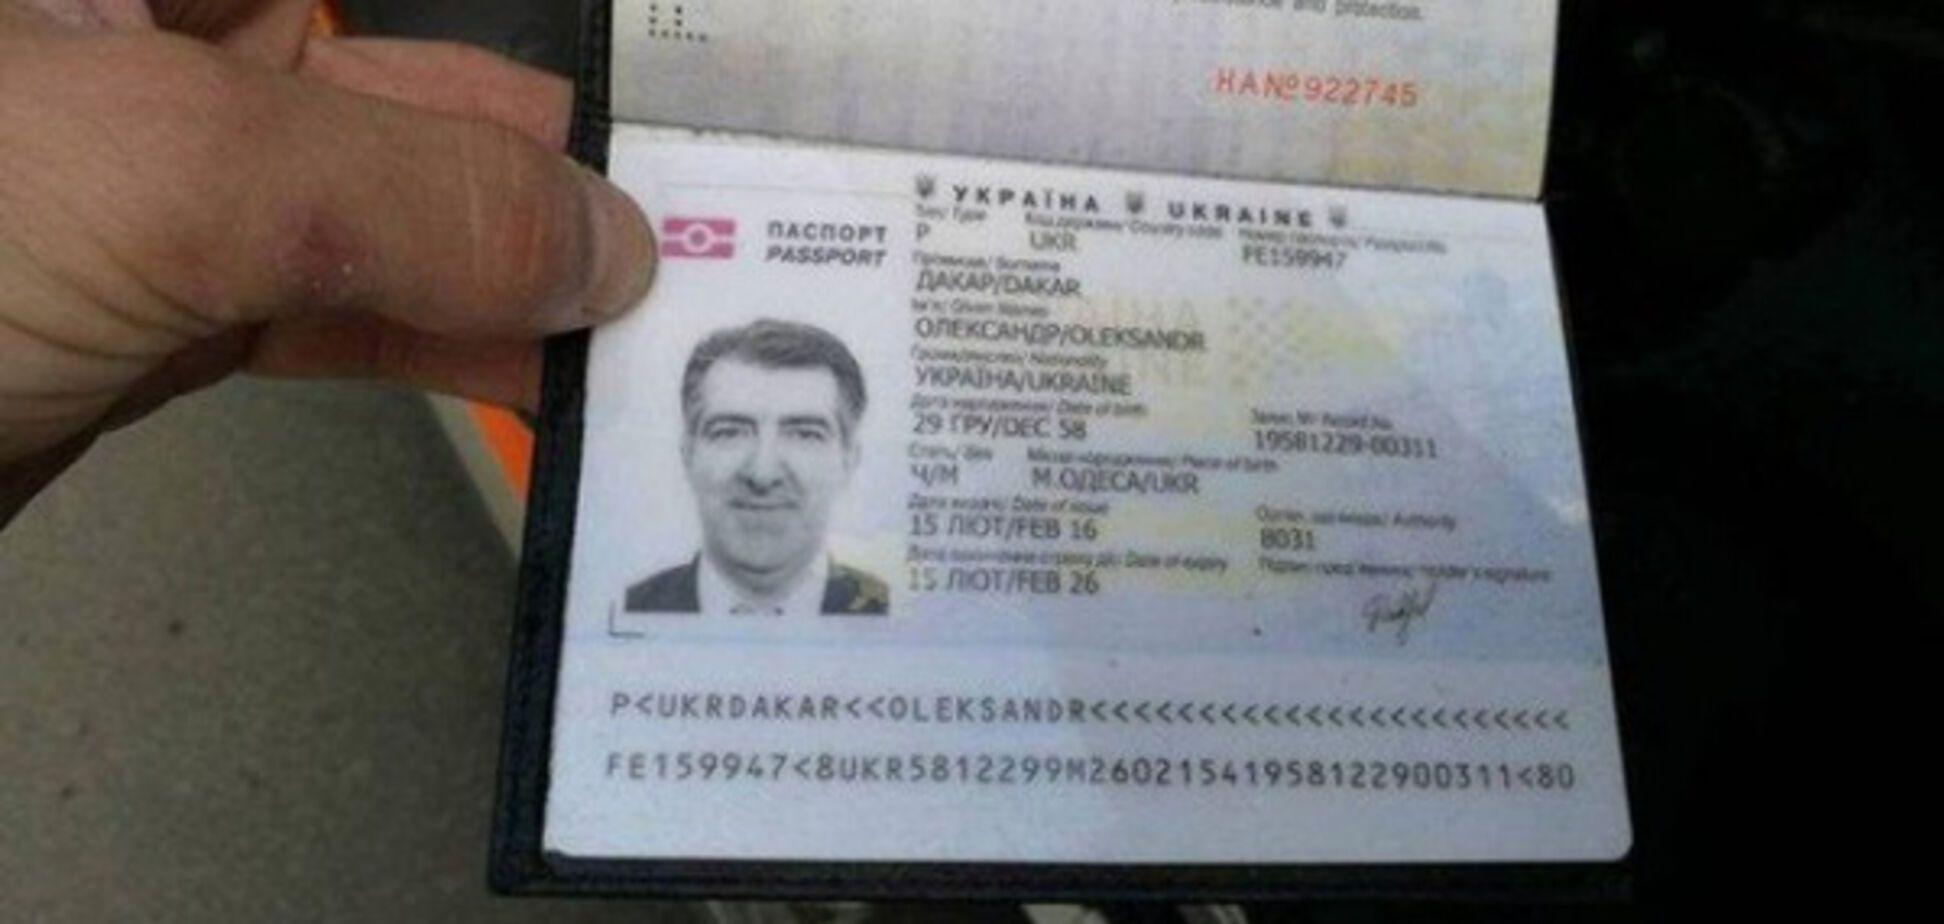 Покушение на Осмаева и Окуеву: стало известно, откуда у киллера украинский паспорт